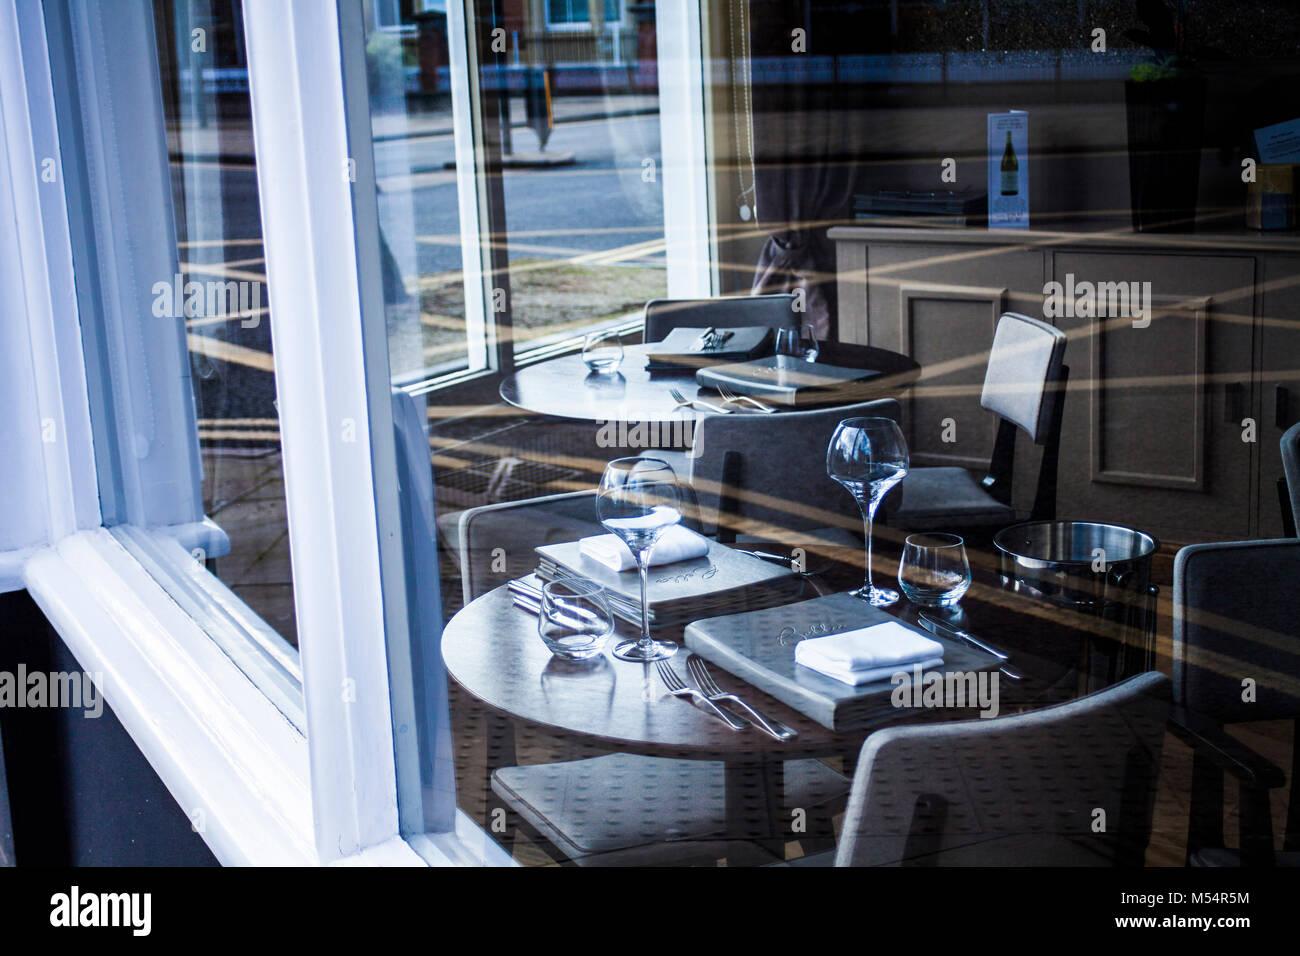 Messa in tavola al ristorante moderno, tabella impostata per pasto, elegante, pronti a servire. Immagini Stock